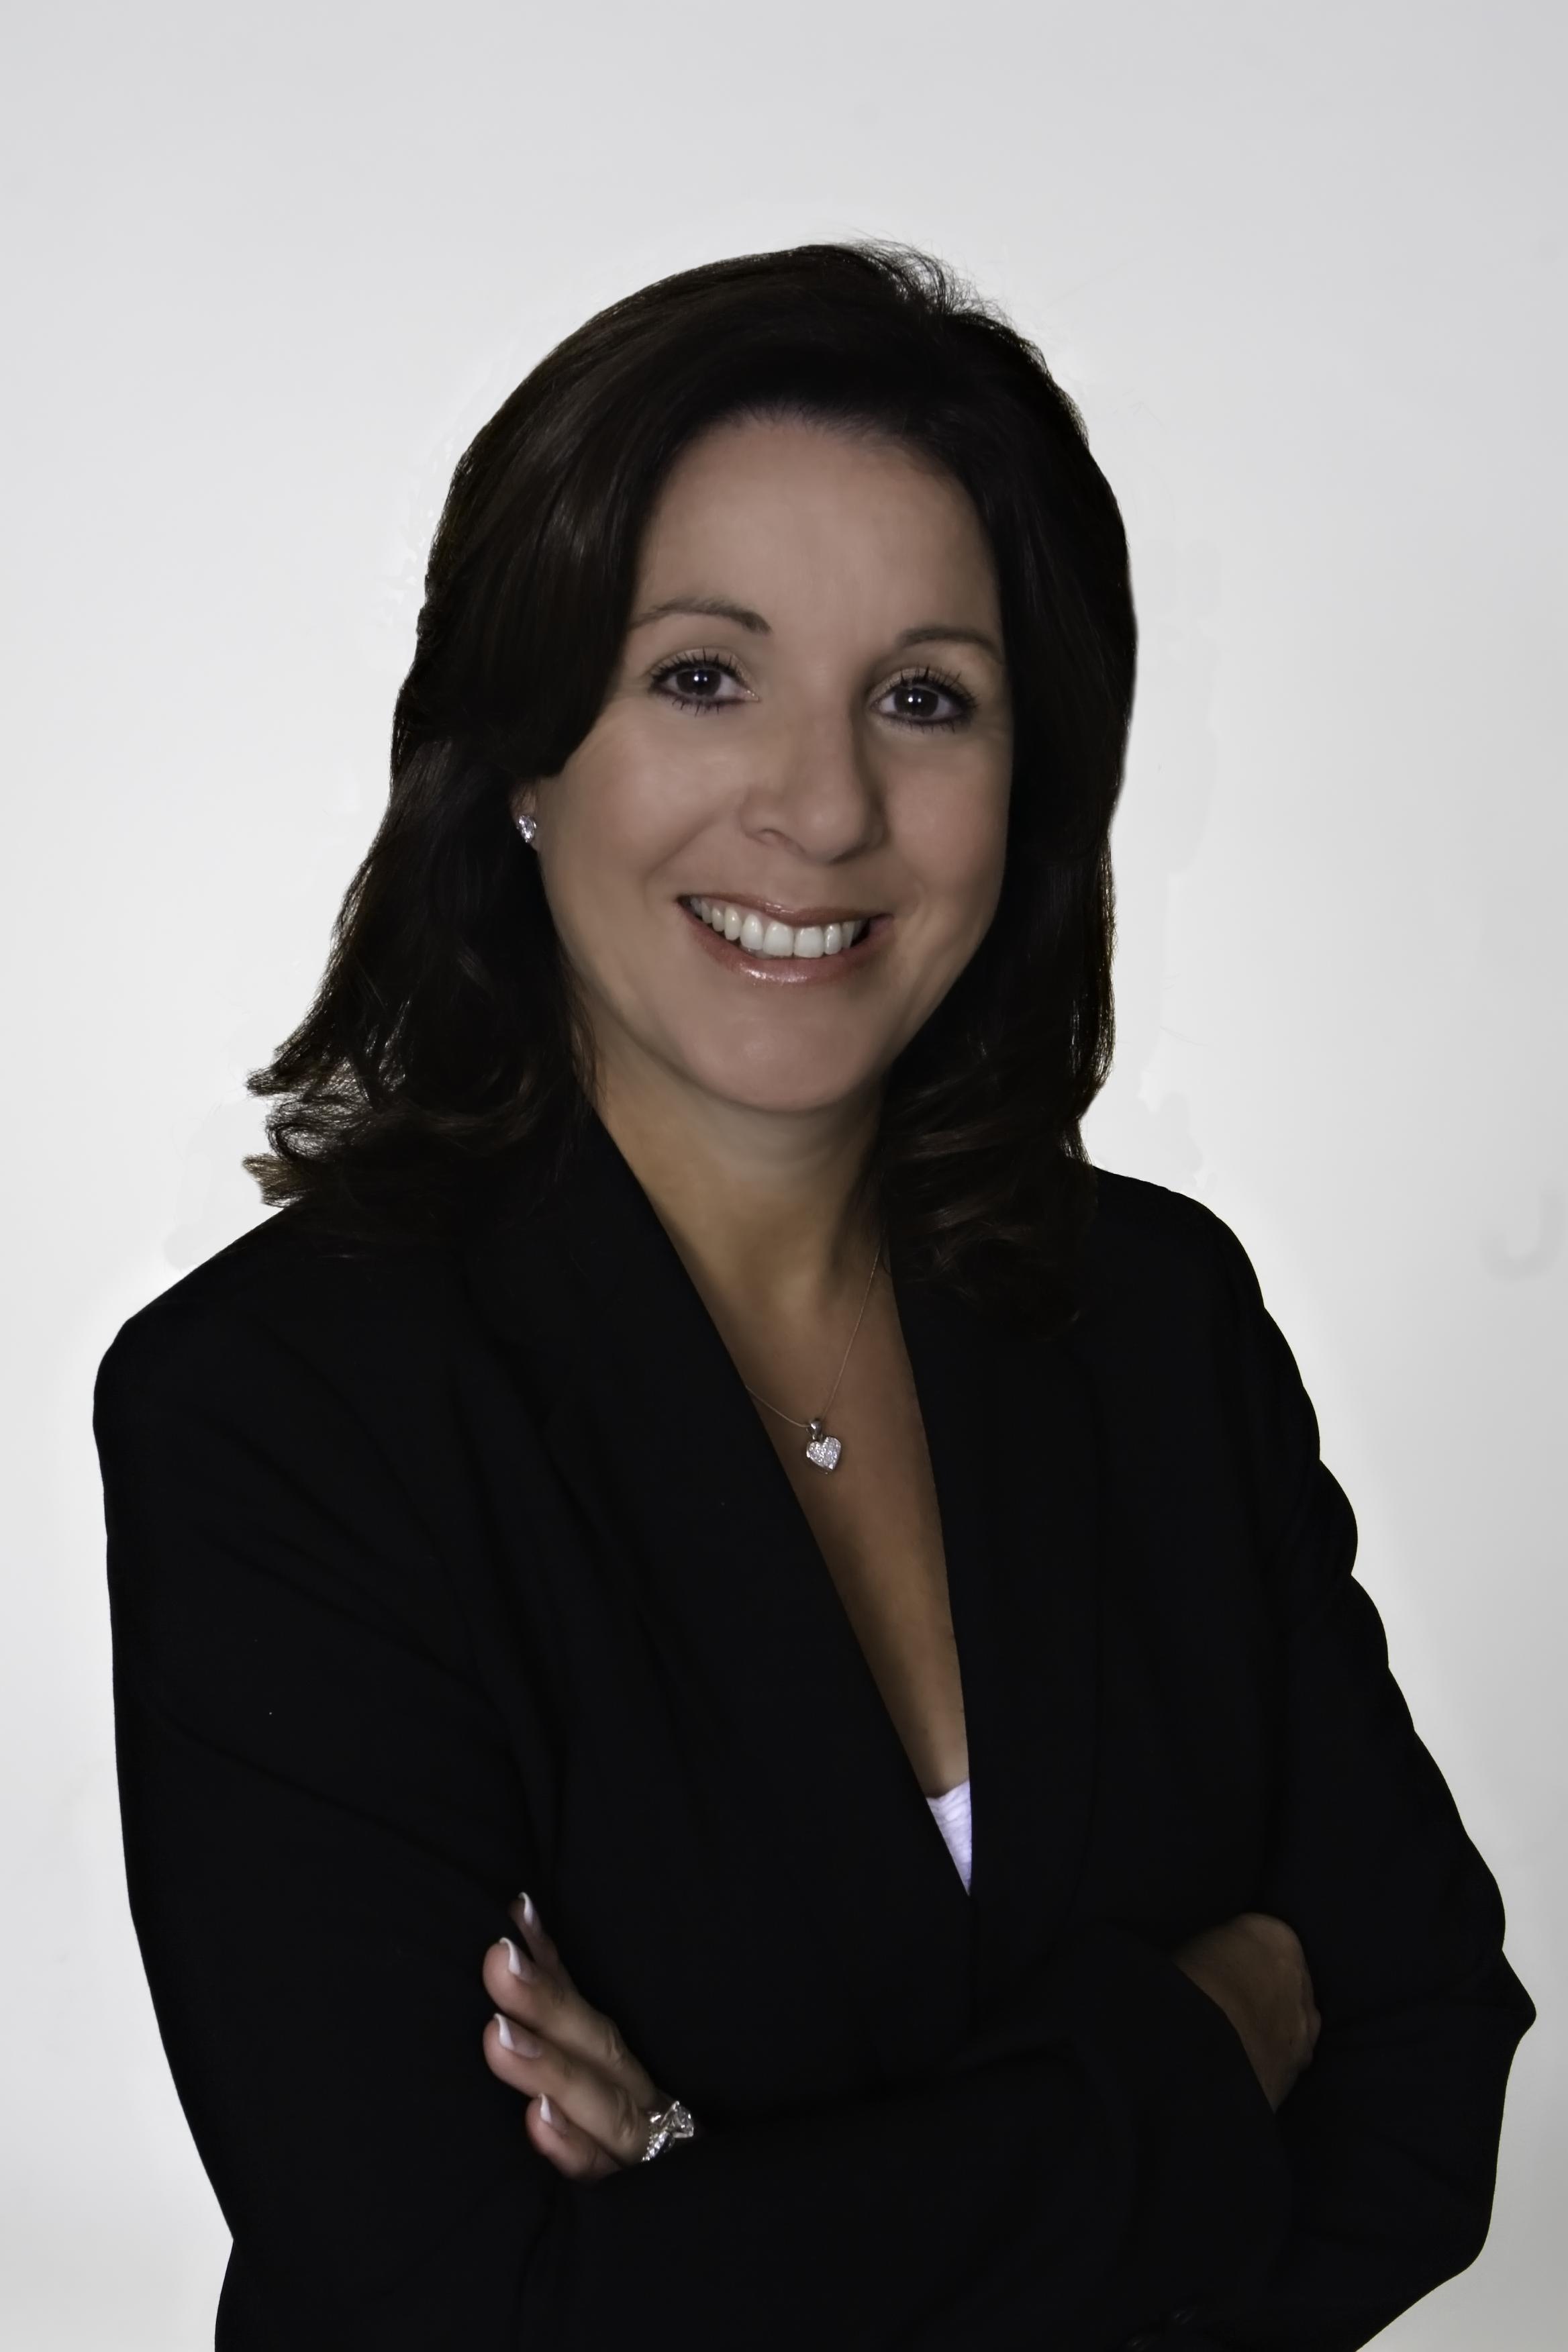 Kathy Watterson